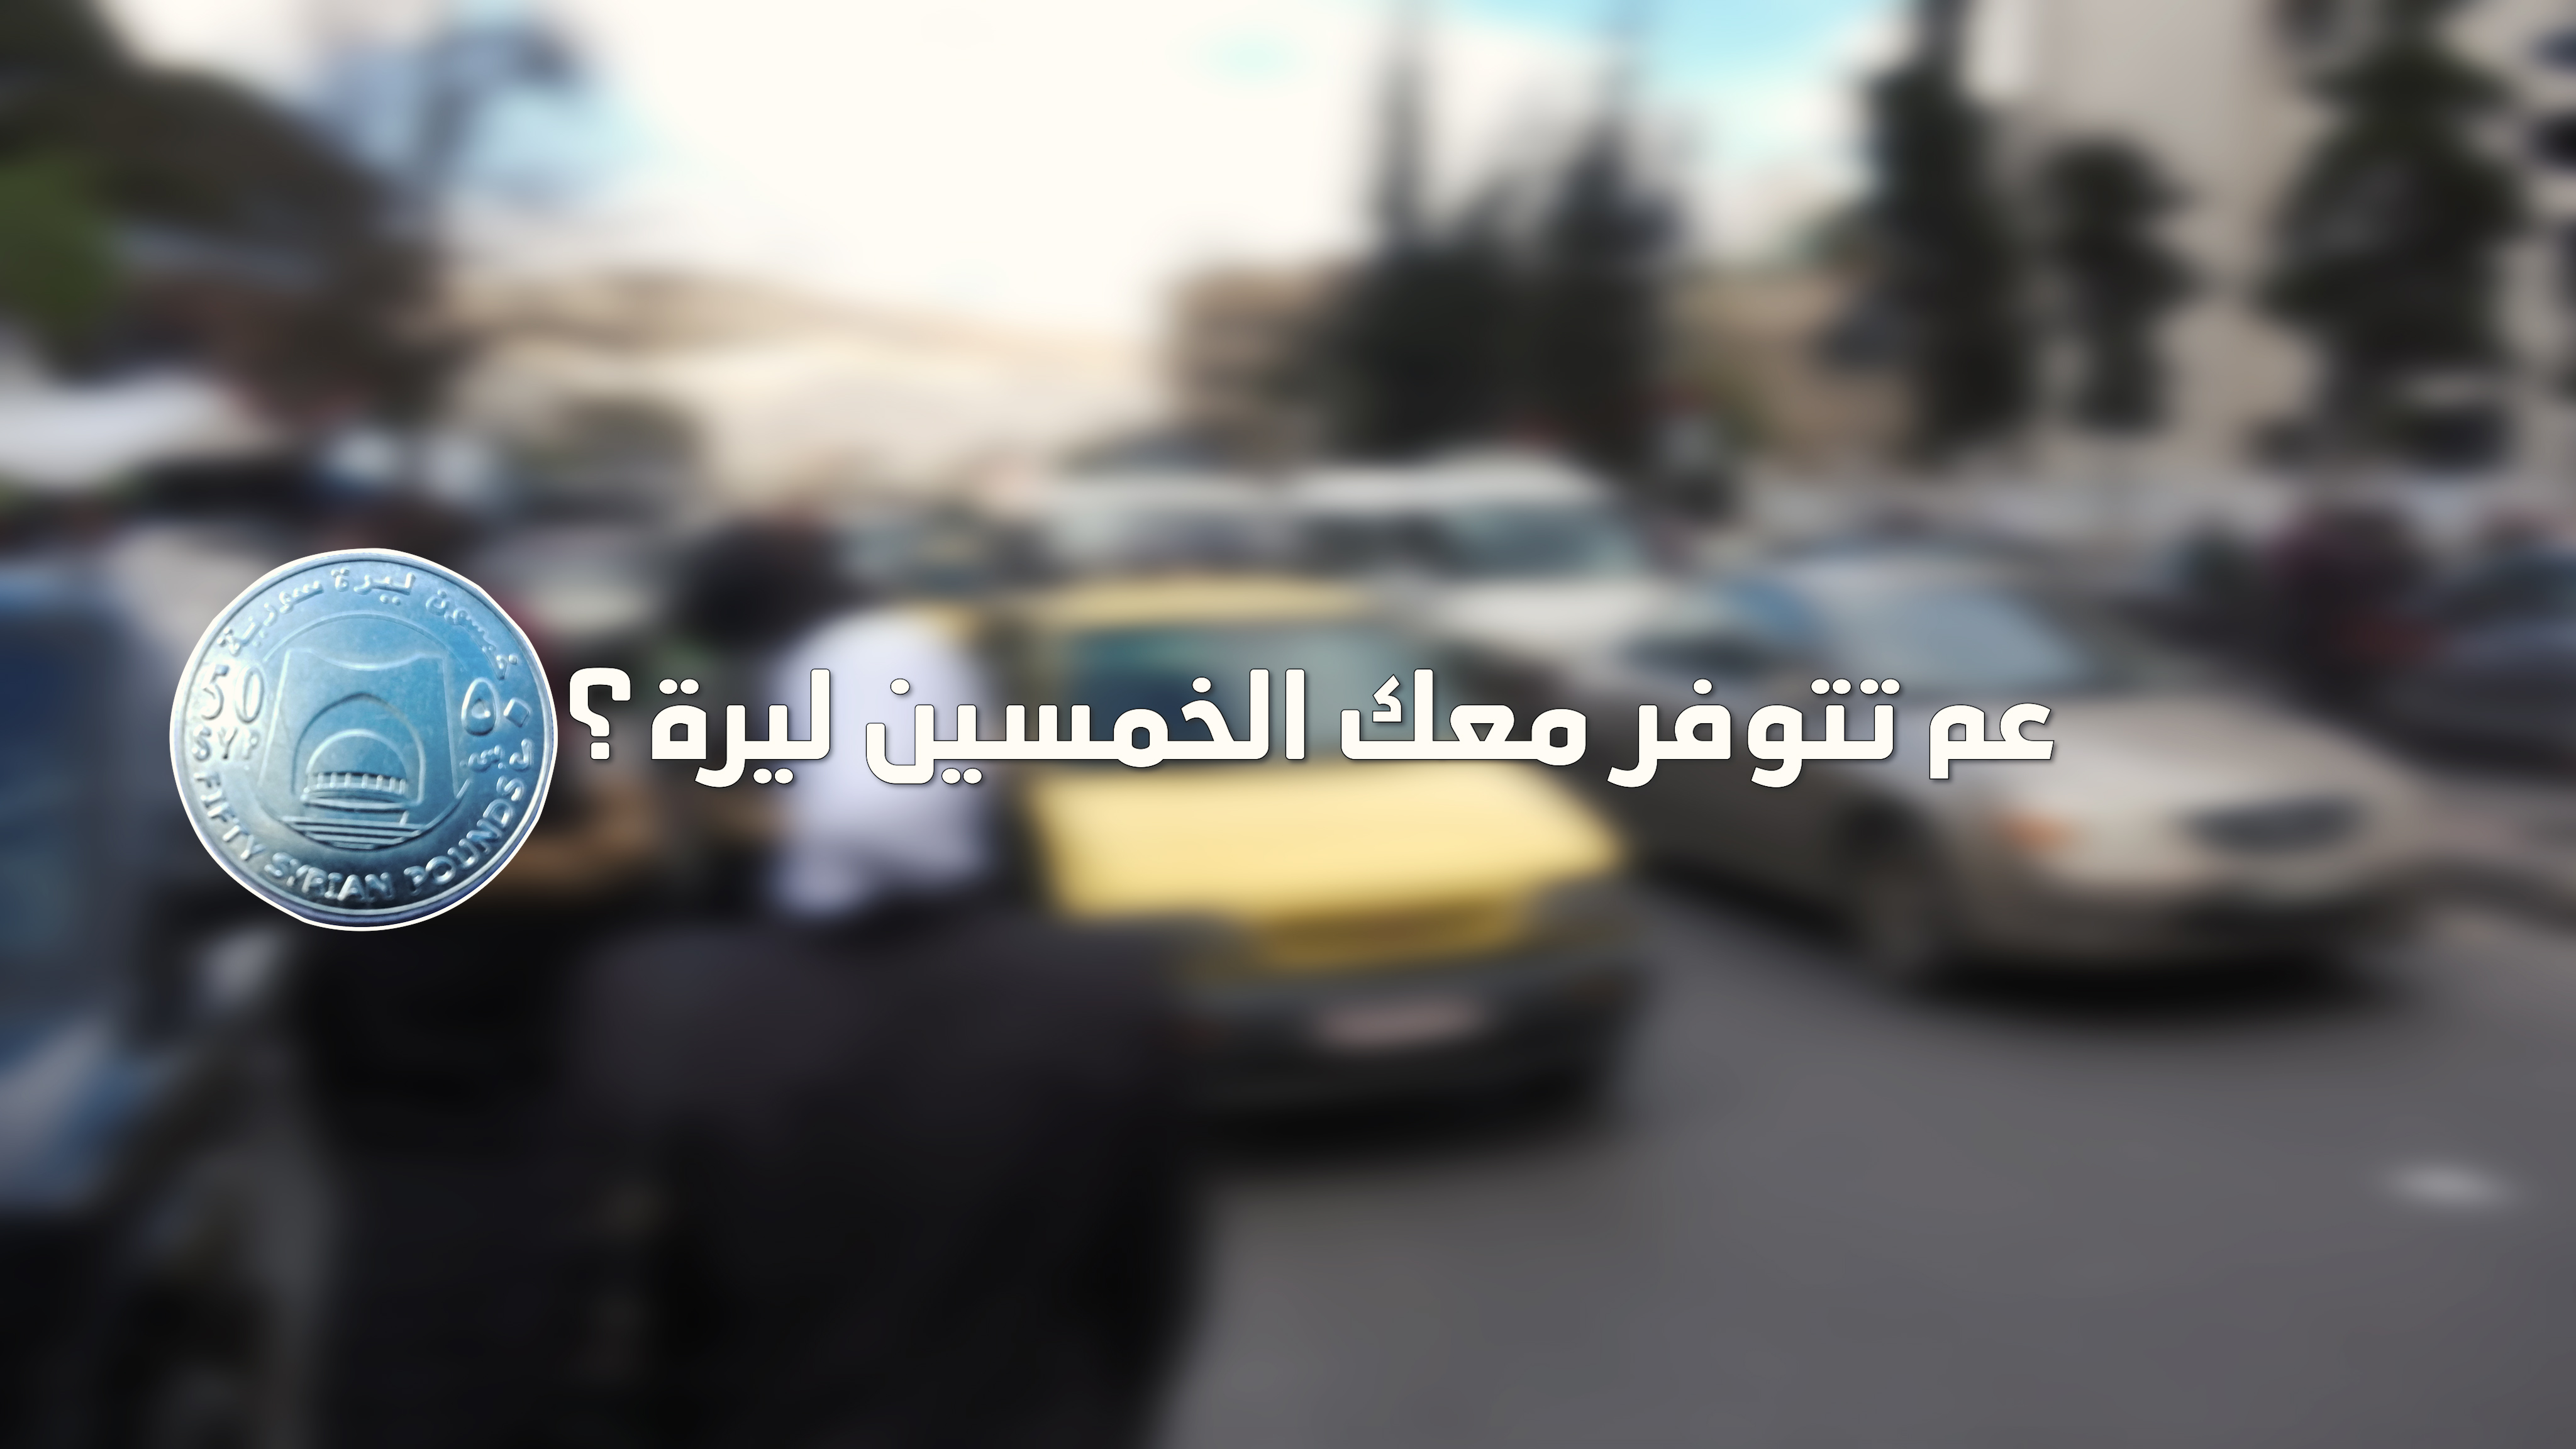 Photo of الخمسون ليرة وأزمة المواطنين!